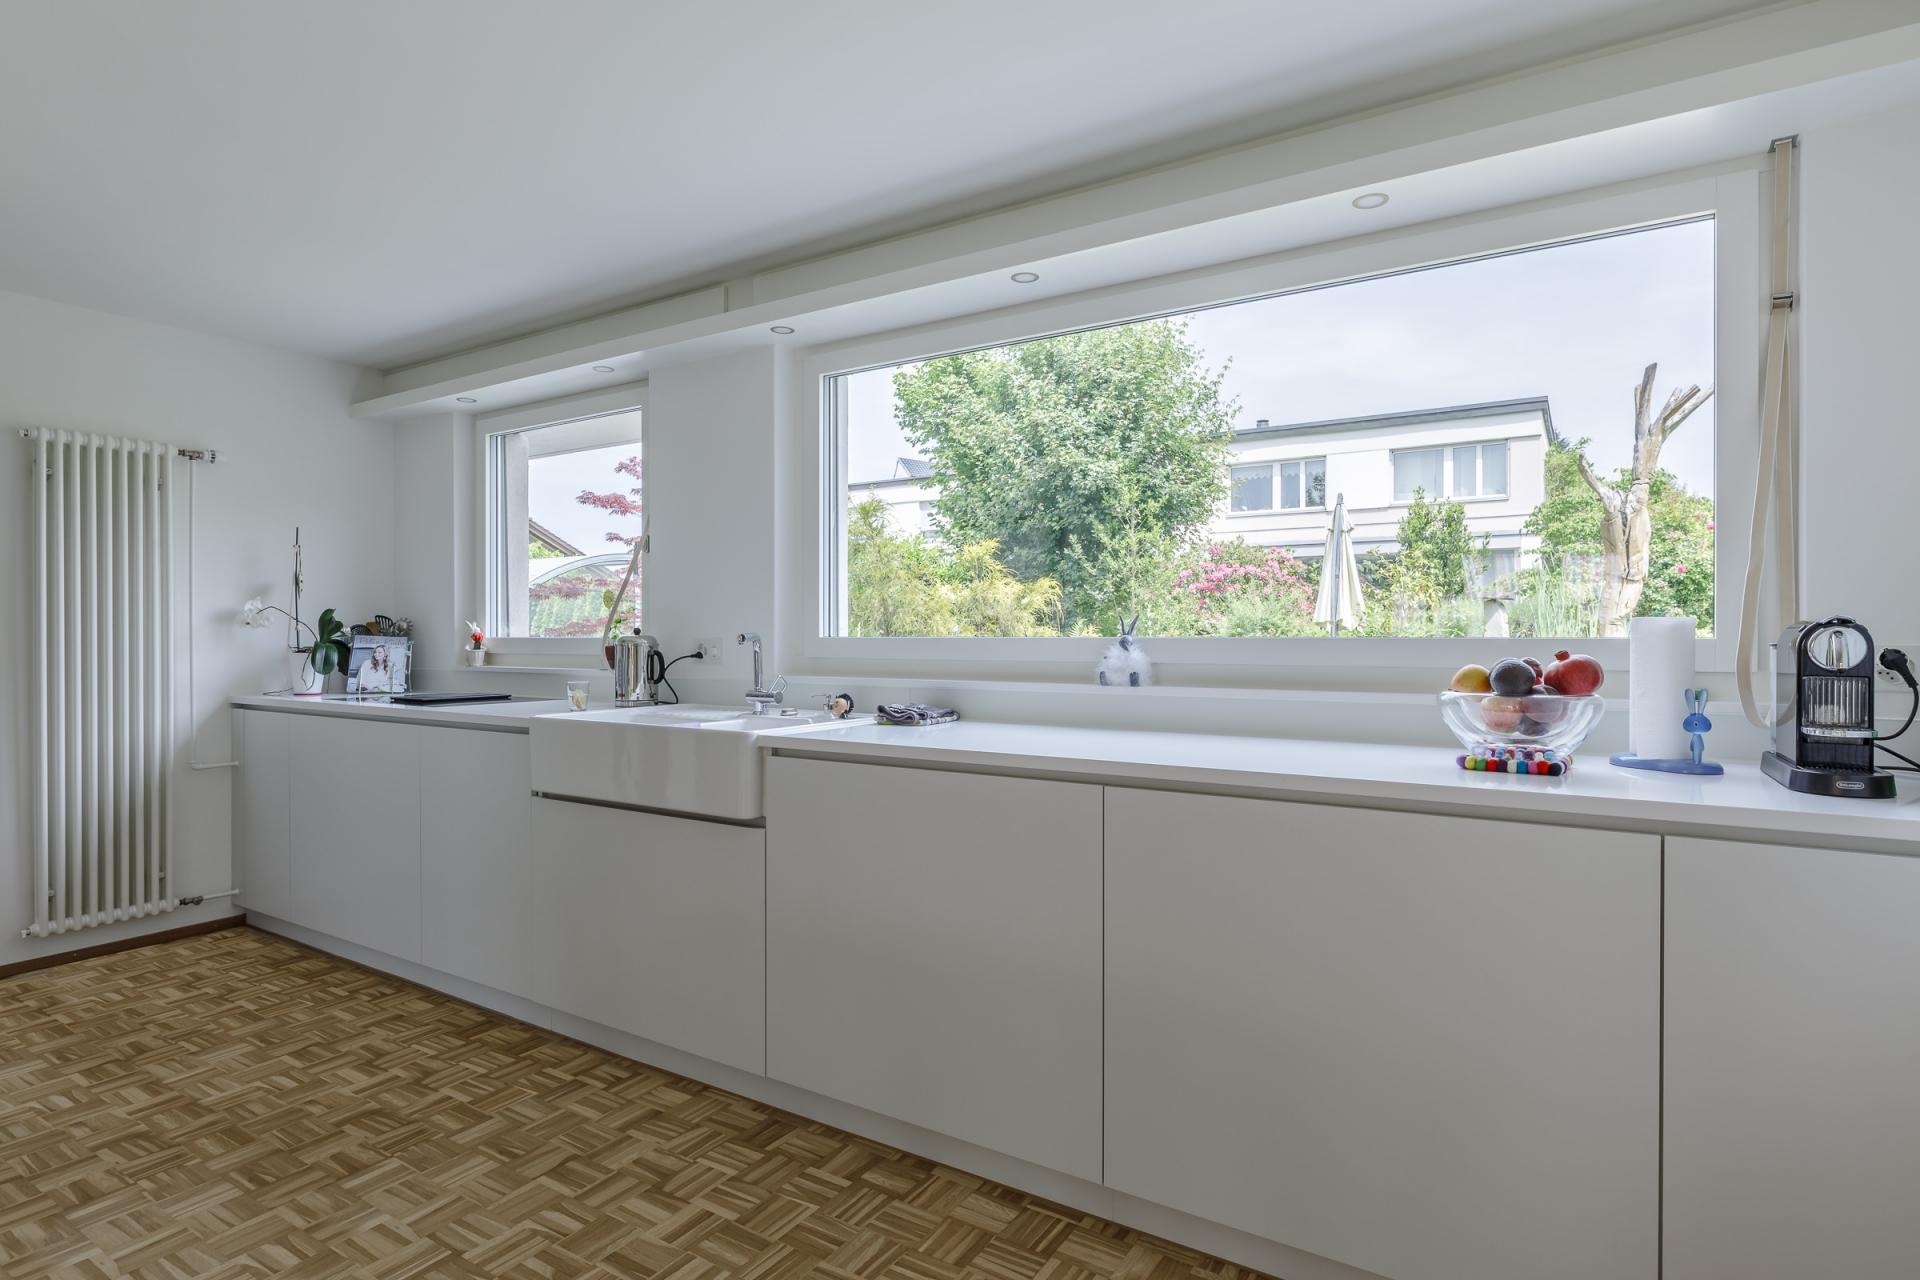 buan-architekten-umbau waldstrasse-luzern-foto-küche